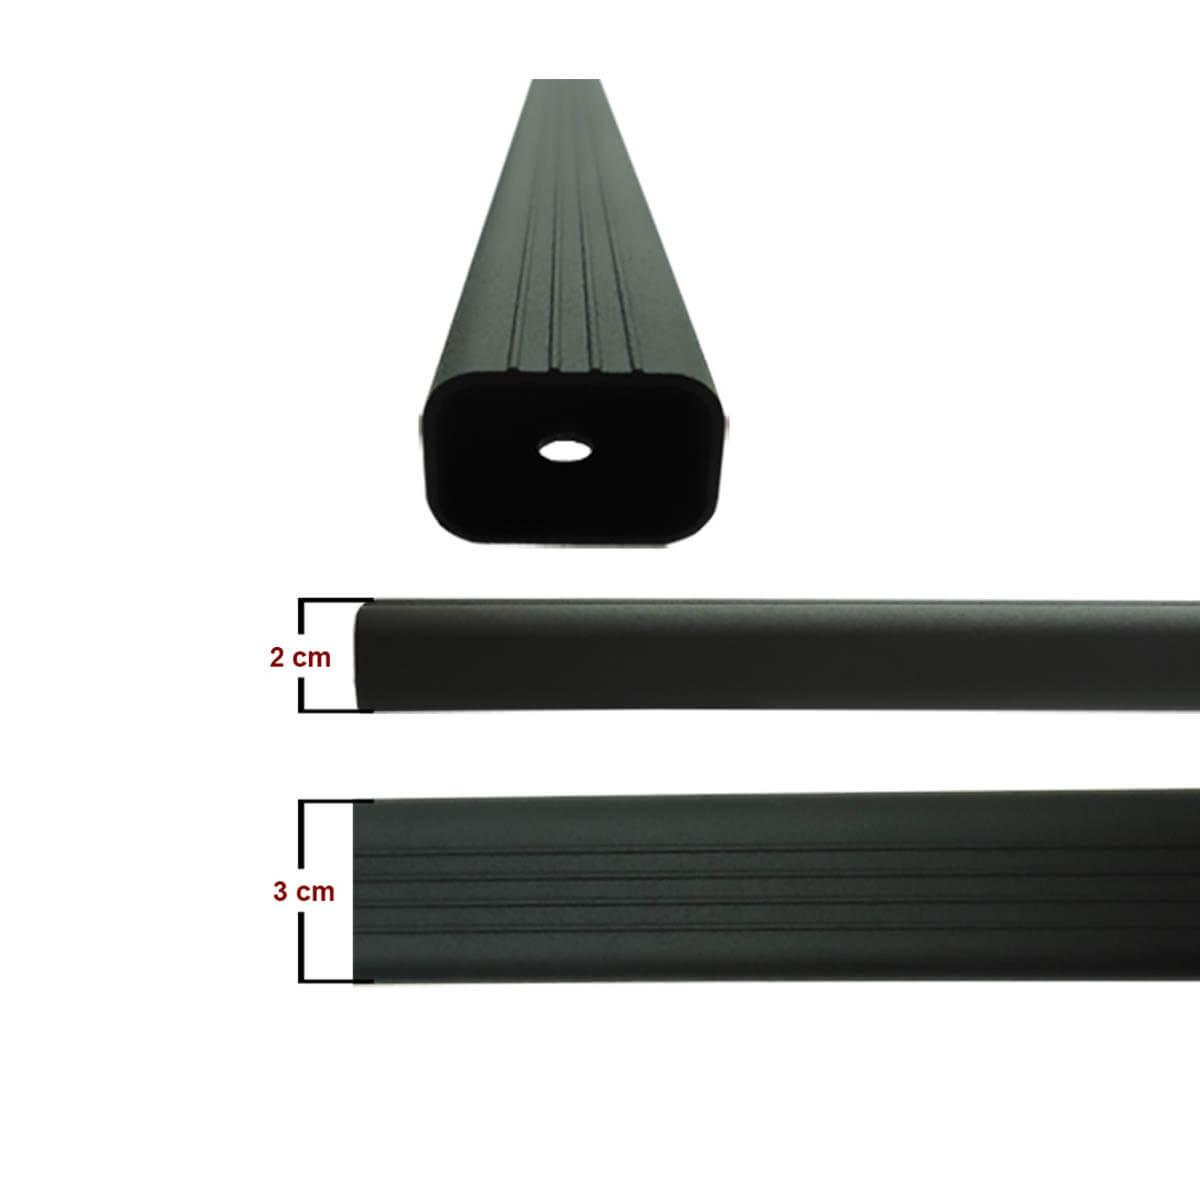 Travessa rack de teto alumínio preta Parati 1996 a 2012 kit 4 peças